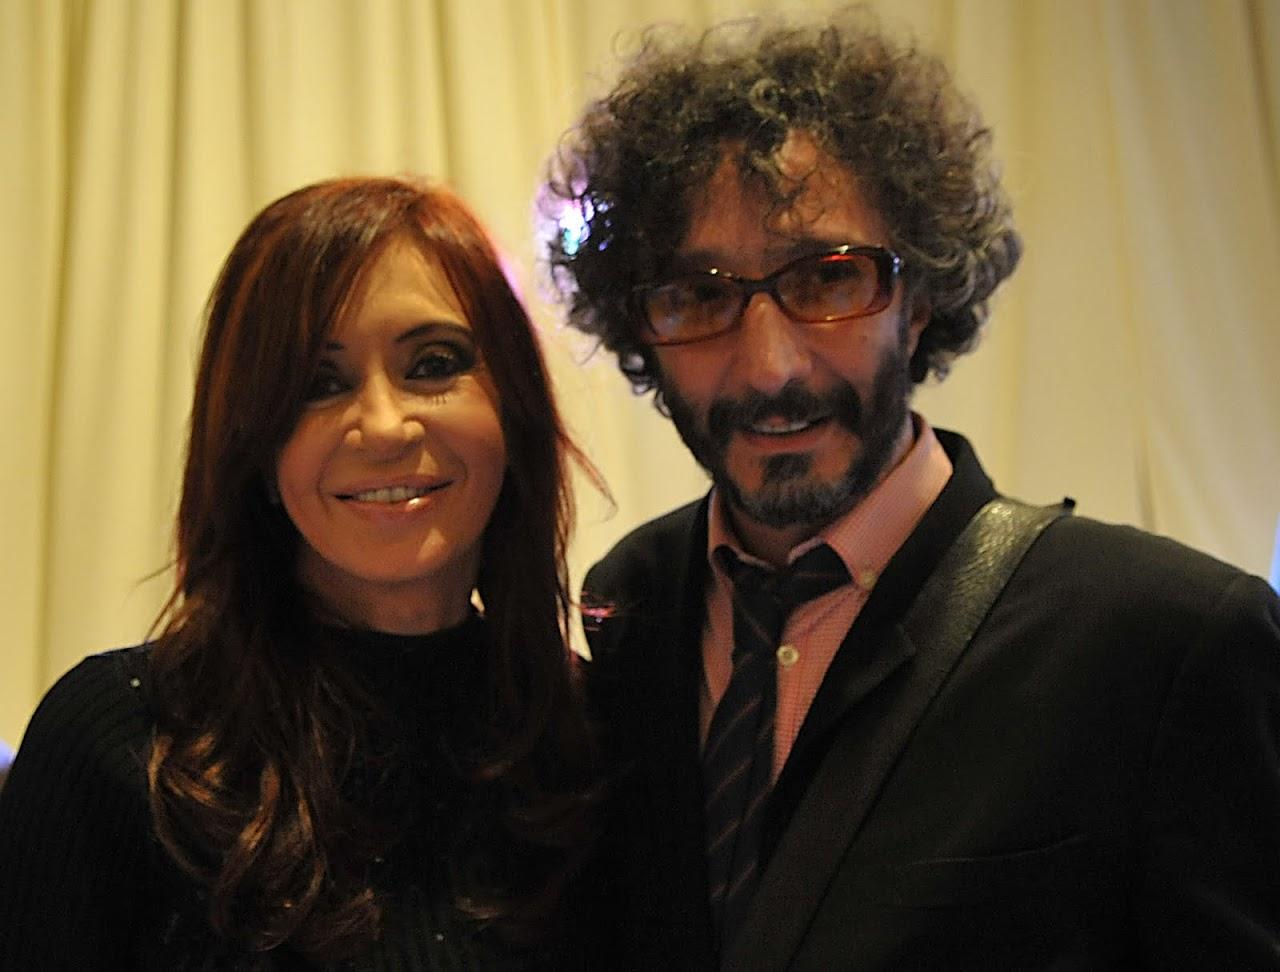 http://4.bp.blogspot.com/_B0wVoJGsapU/TAGdjOd0u8I/AAAAAAAAAnA/jDc8xbpomI8/s1600/Cristina+y+Fito.-.jpg